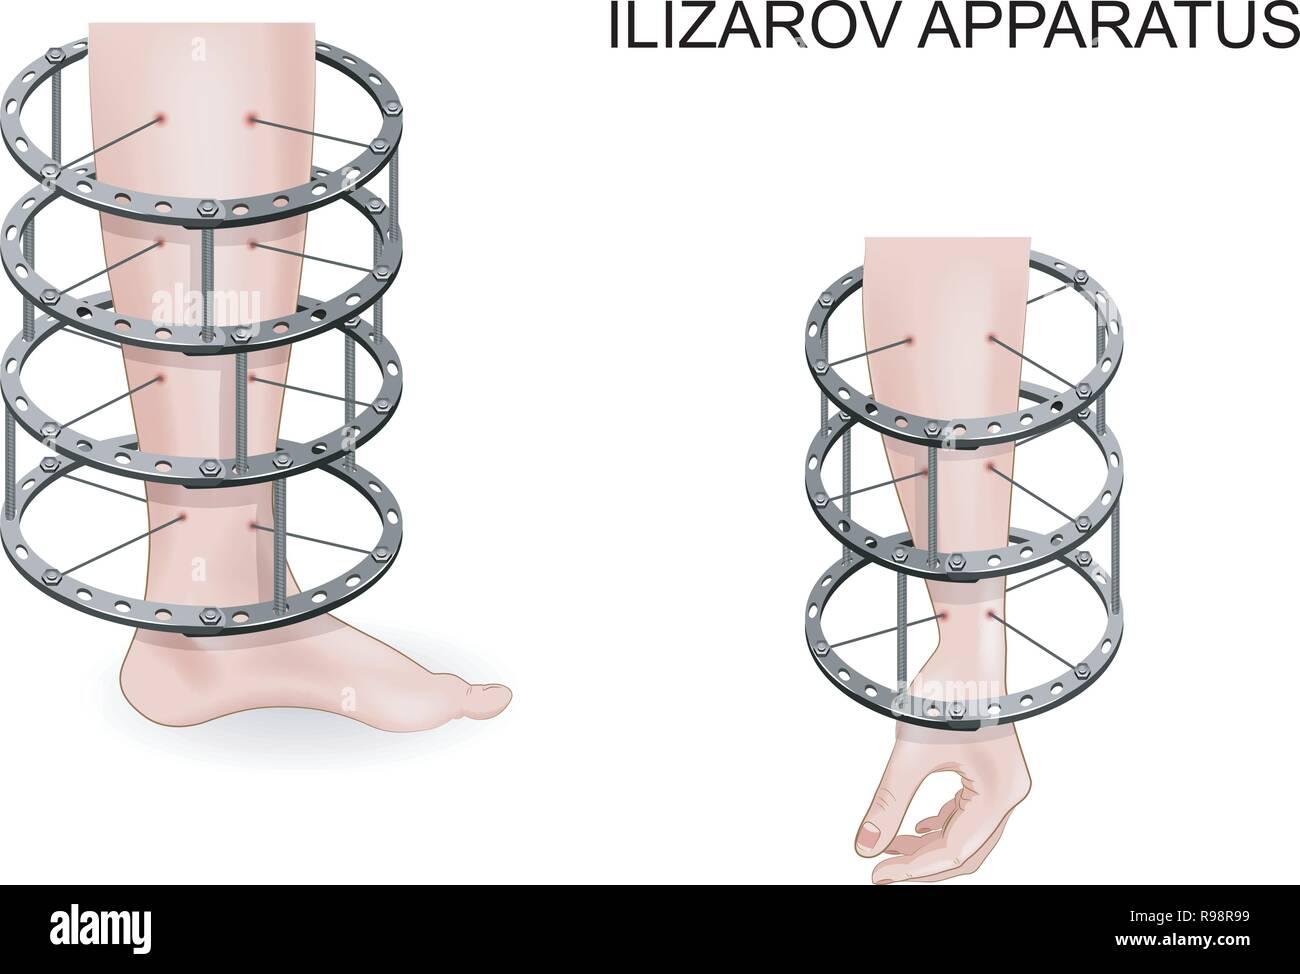 Vector illustration de l appareil d Ilizarov pour le traitement des  fractures des os ab87933e60c